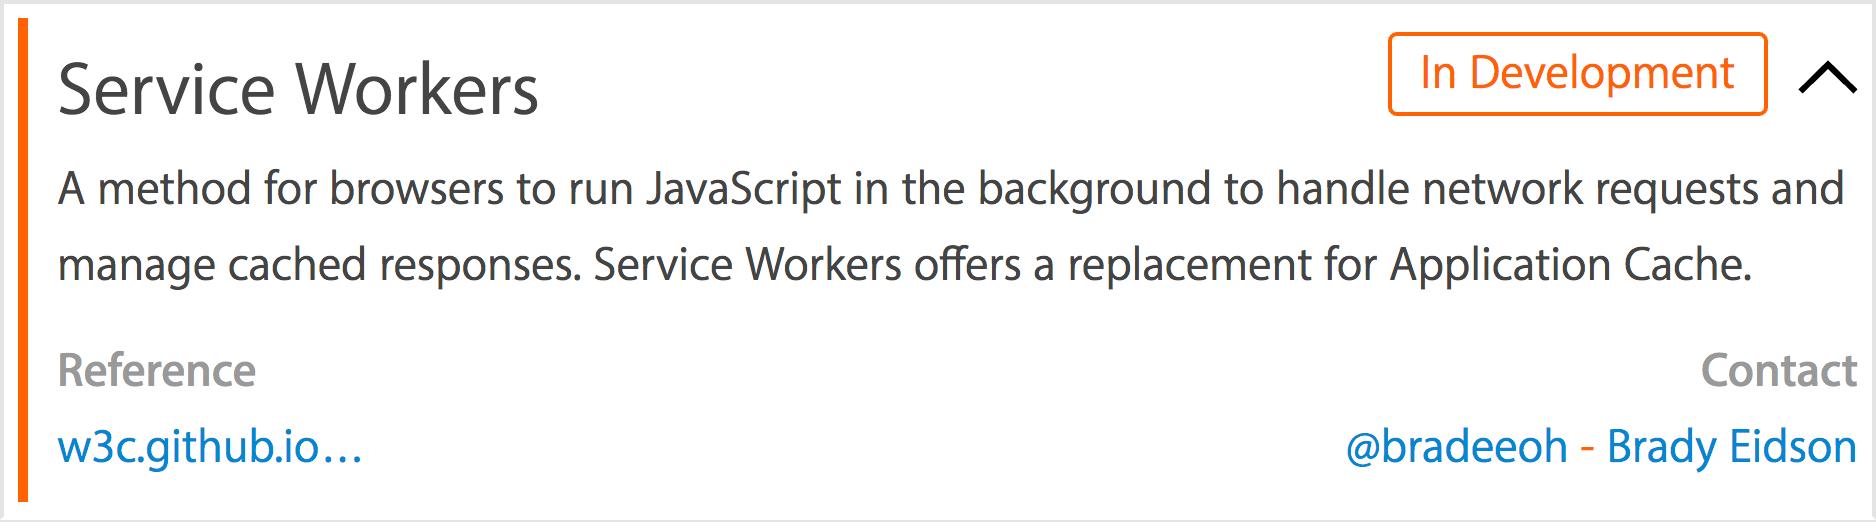 Service Workers sendo implementado no WebKit